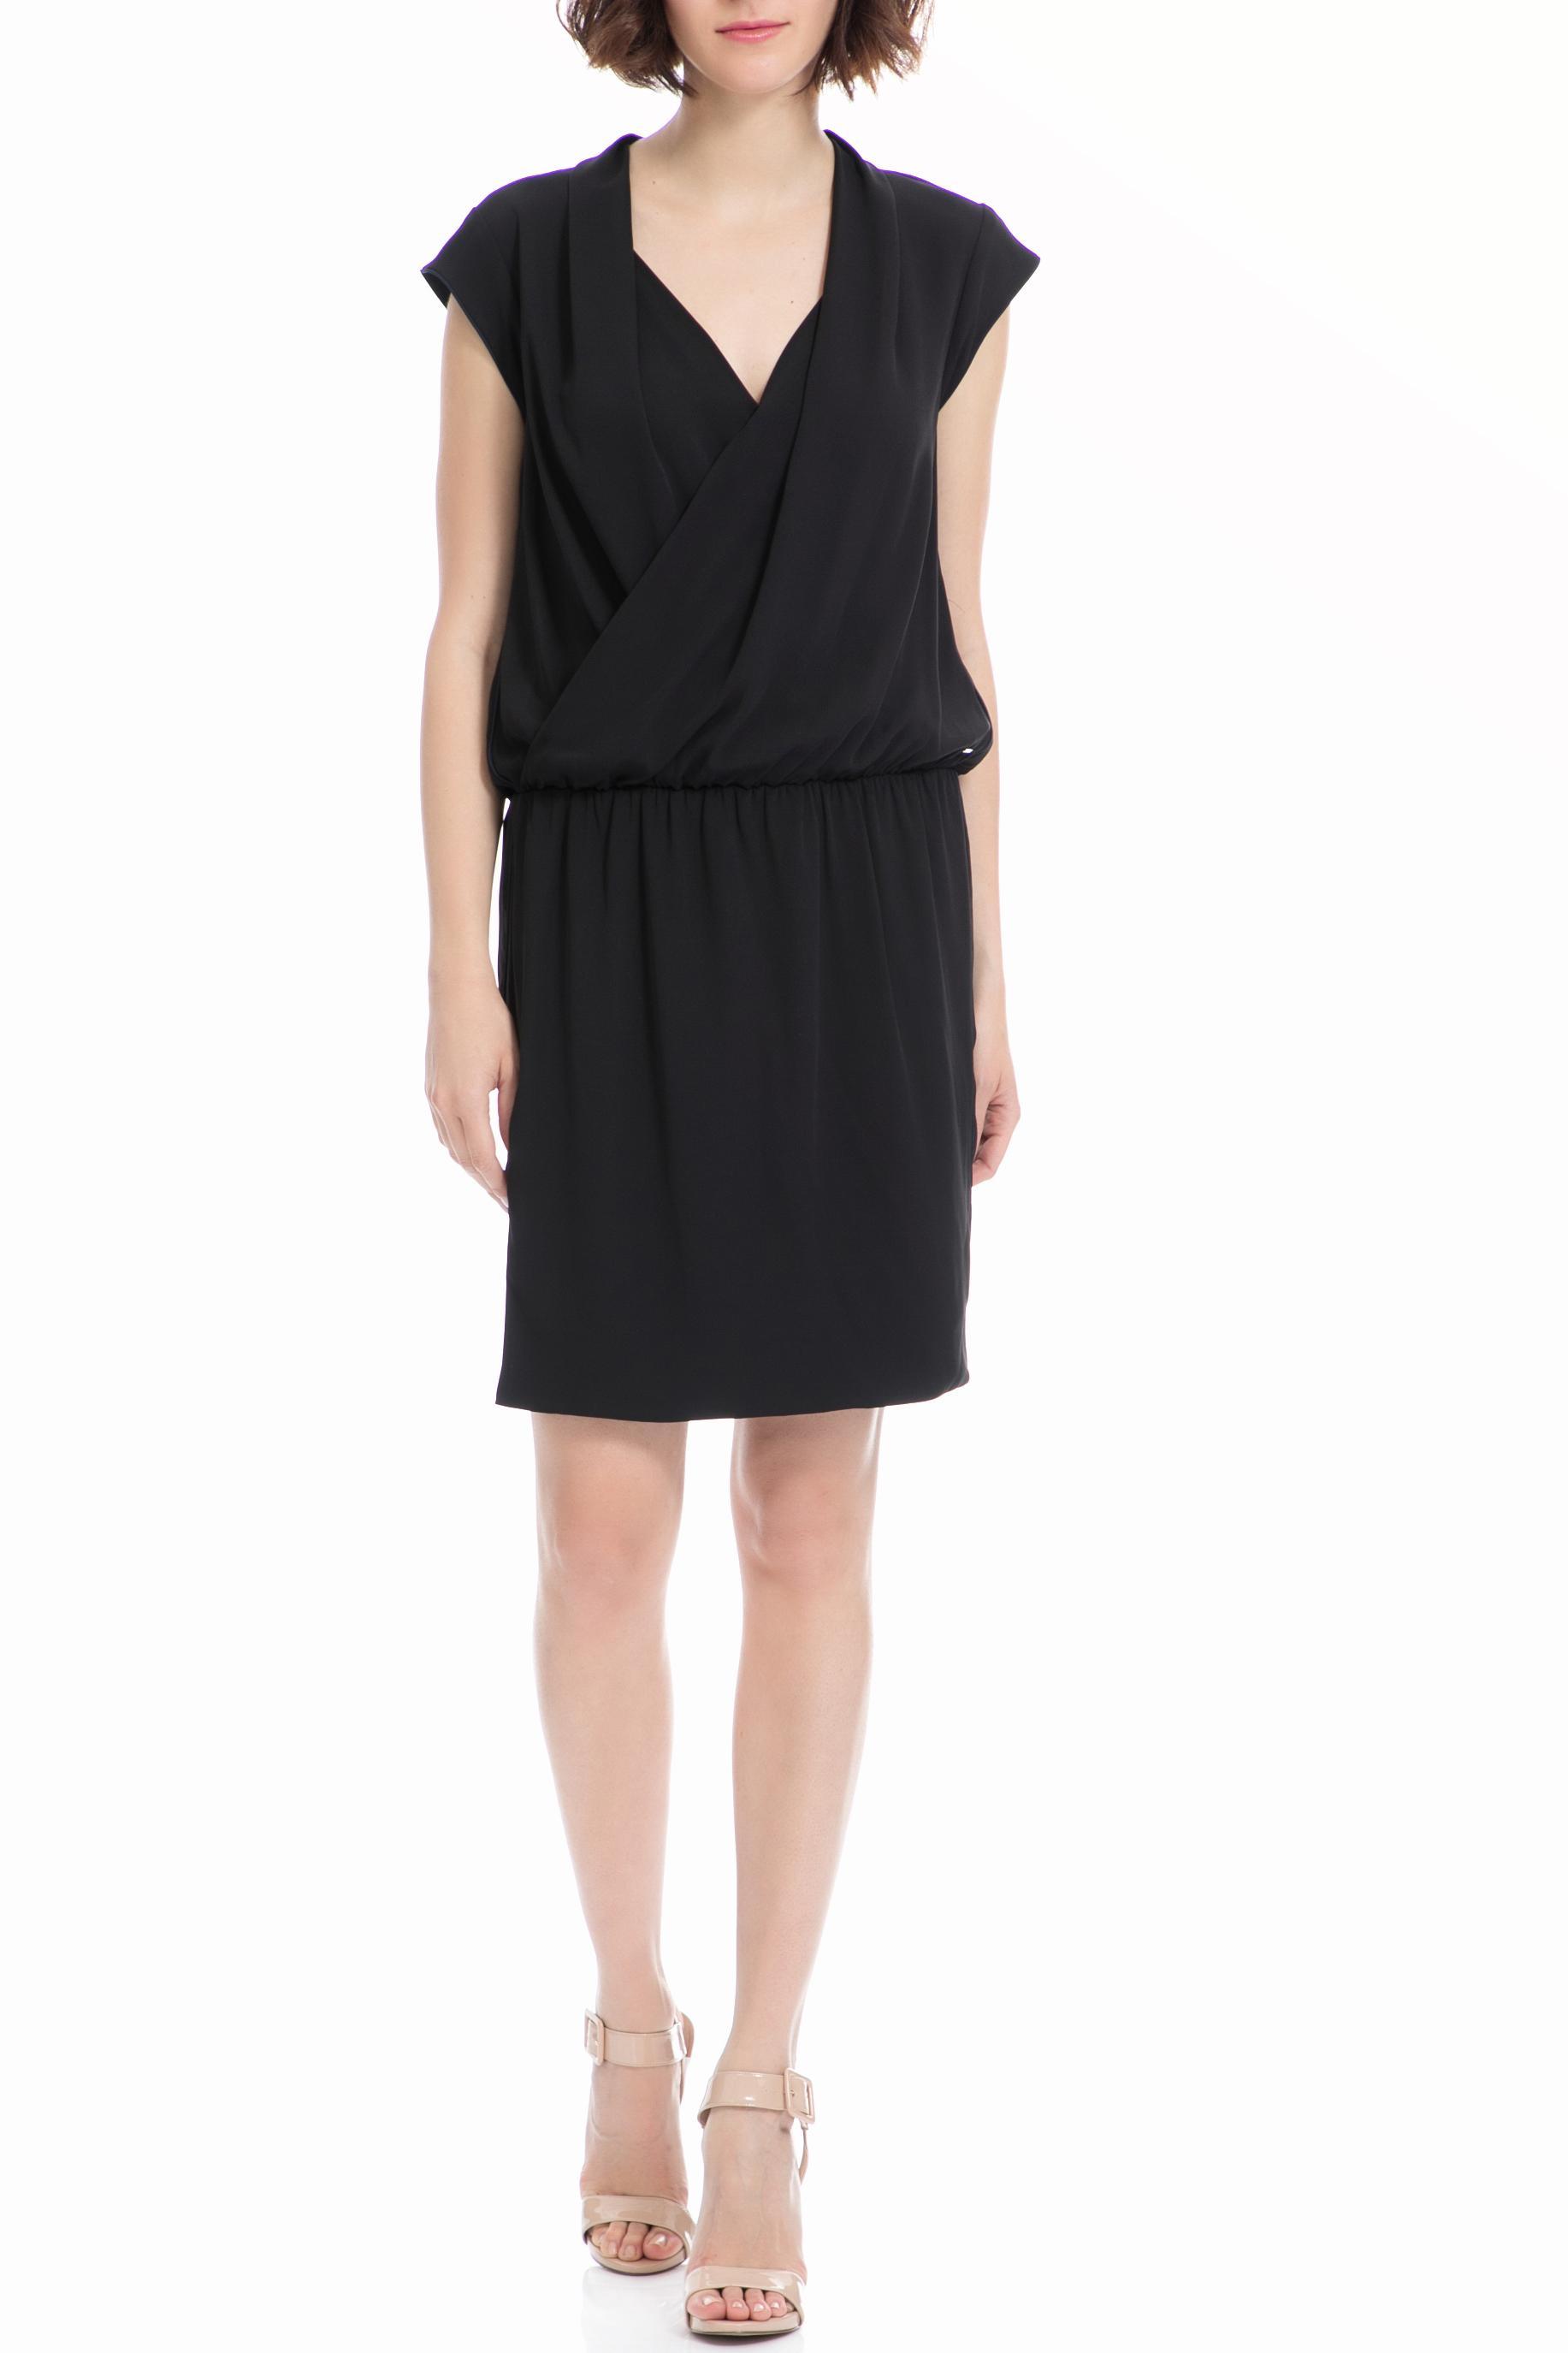 GAS - Γυναικείο φόρεμα Gas μαύρο γυναικεία ρούχα φορέματα μίνι